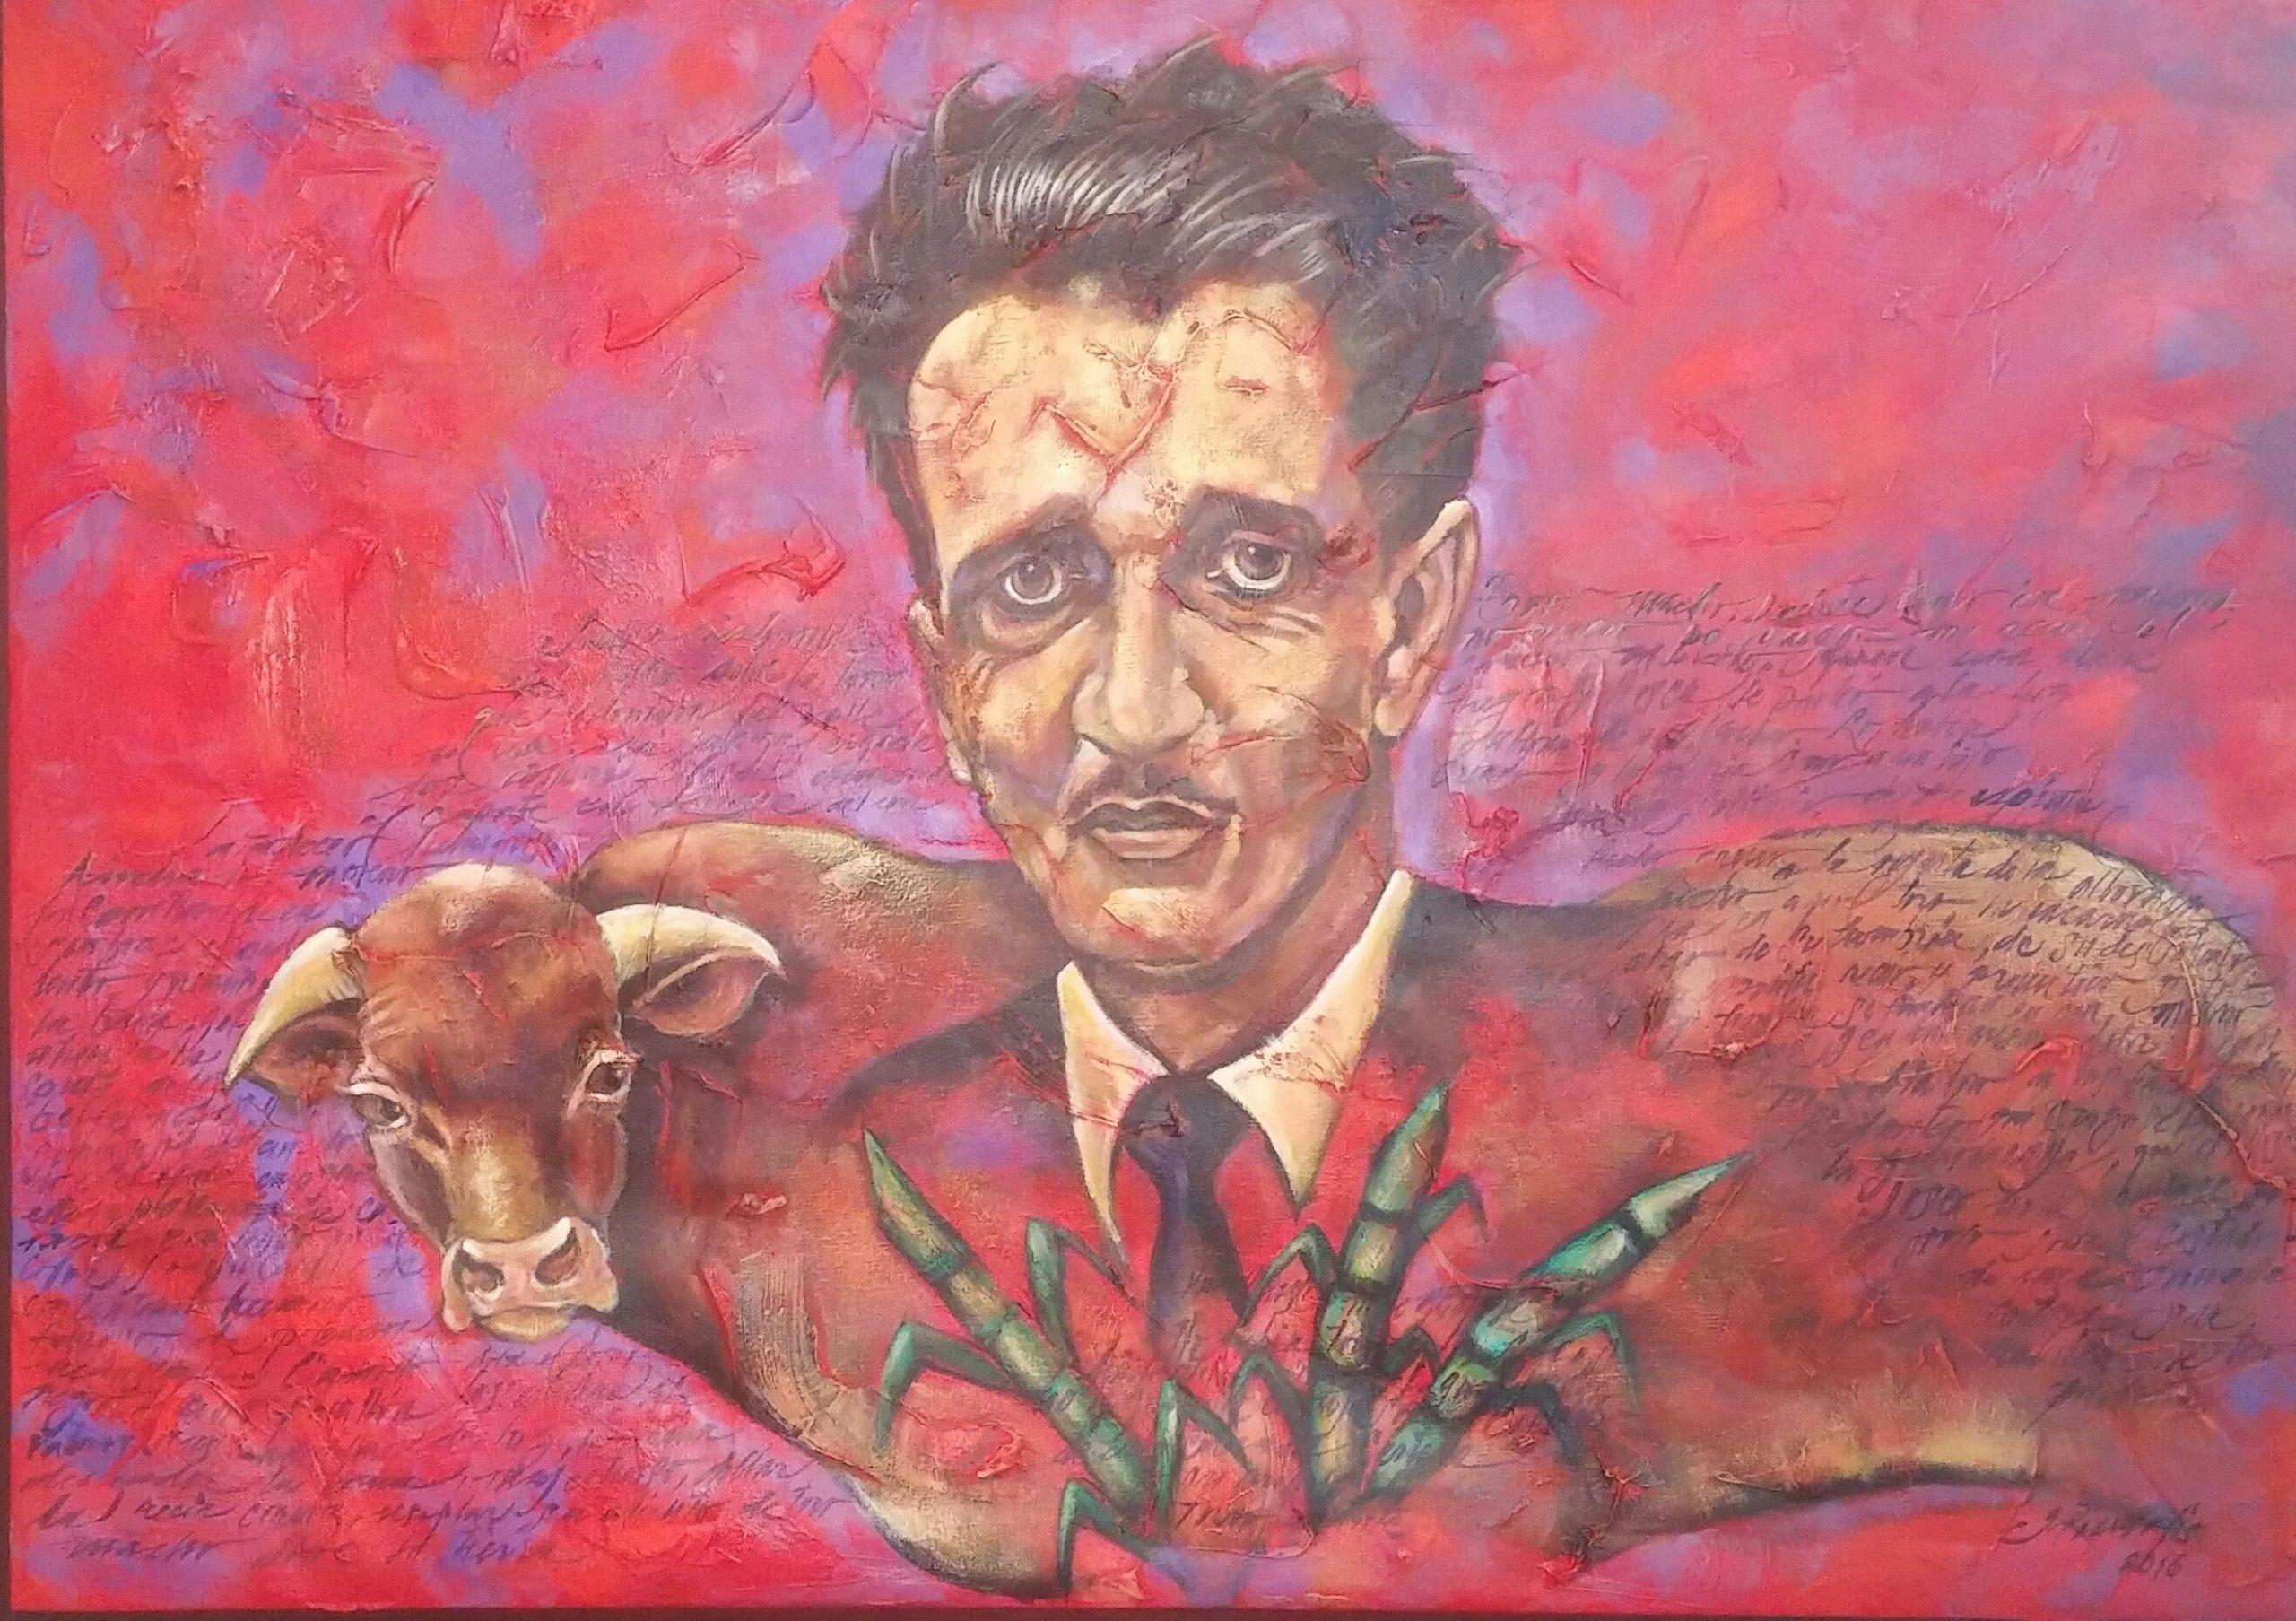 """La pieza """"Nostalgia de un pasado remoto"""", de la artista Grecia Rivera, encabeza la exposición Abelardo sus cuentos y sus estampas. (Foto Gabriela Ortiz para FNCP)"""